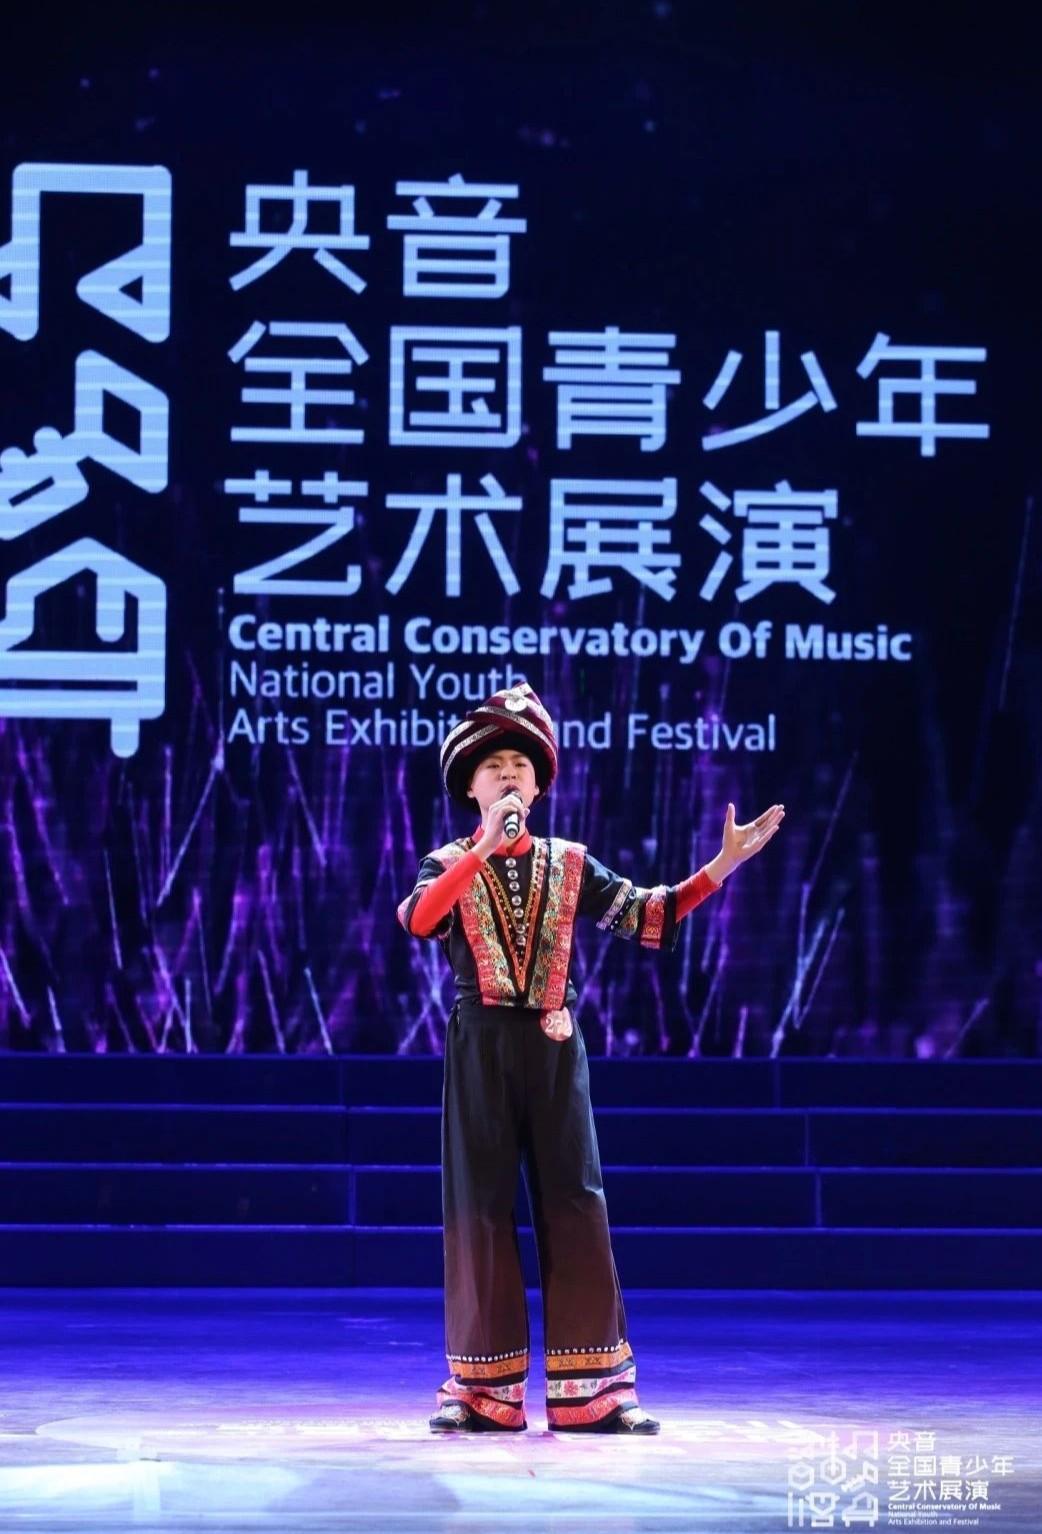 """成绩查询丨2021第五届""""央音""""全国青少年艺术展演(重庆市总展演) 第7张"""